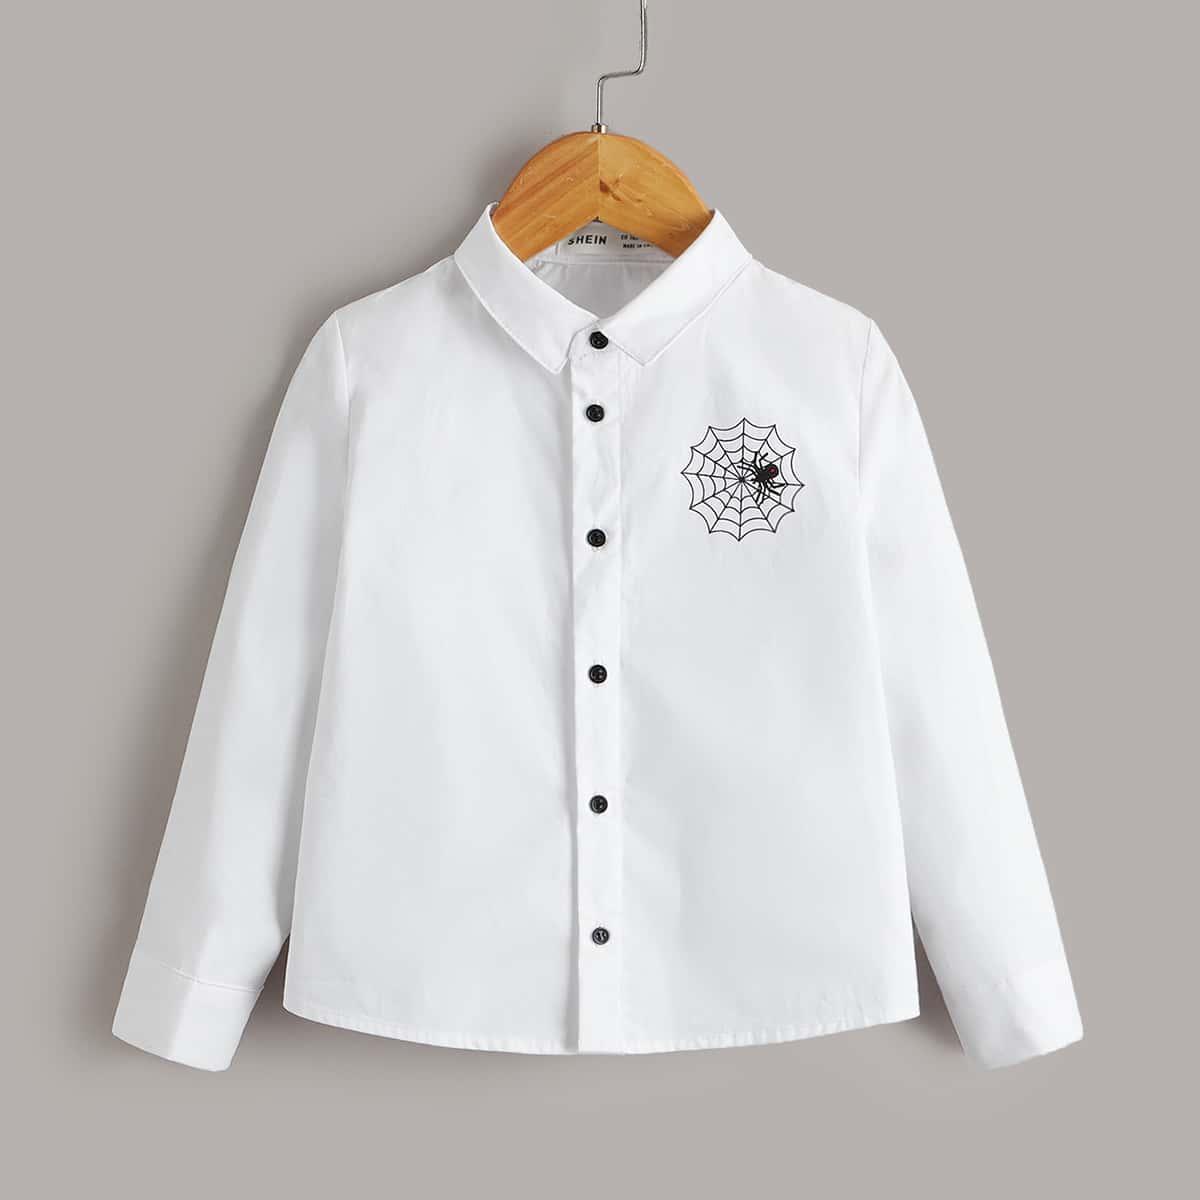 Пуговица Животный графический принт Повседневный Рубашки для мальчиков